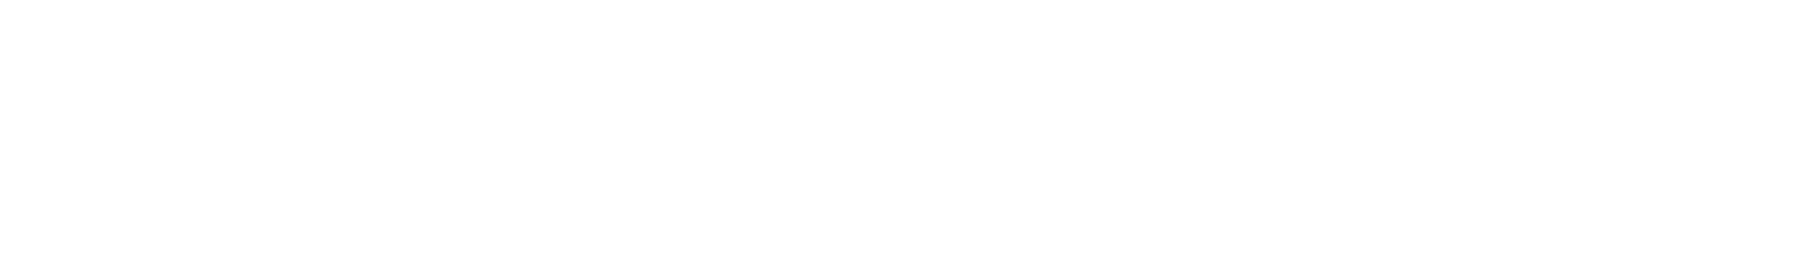 111 echoing guitar